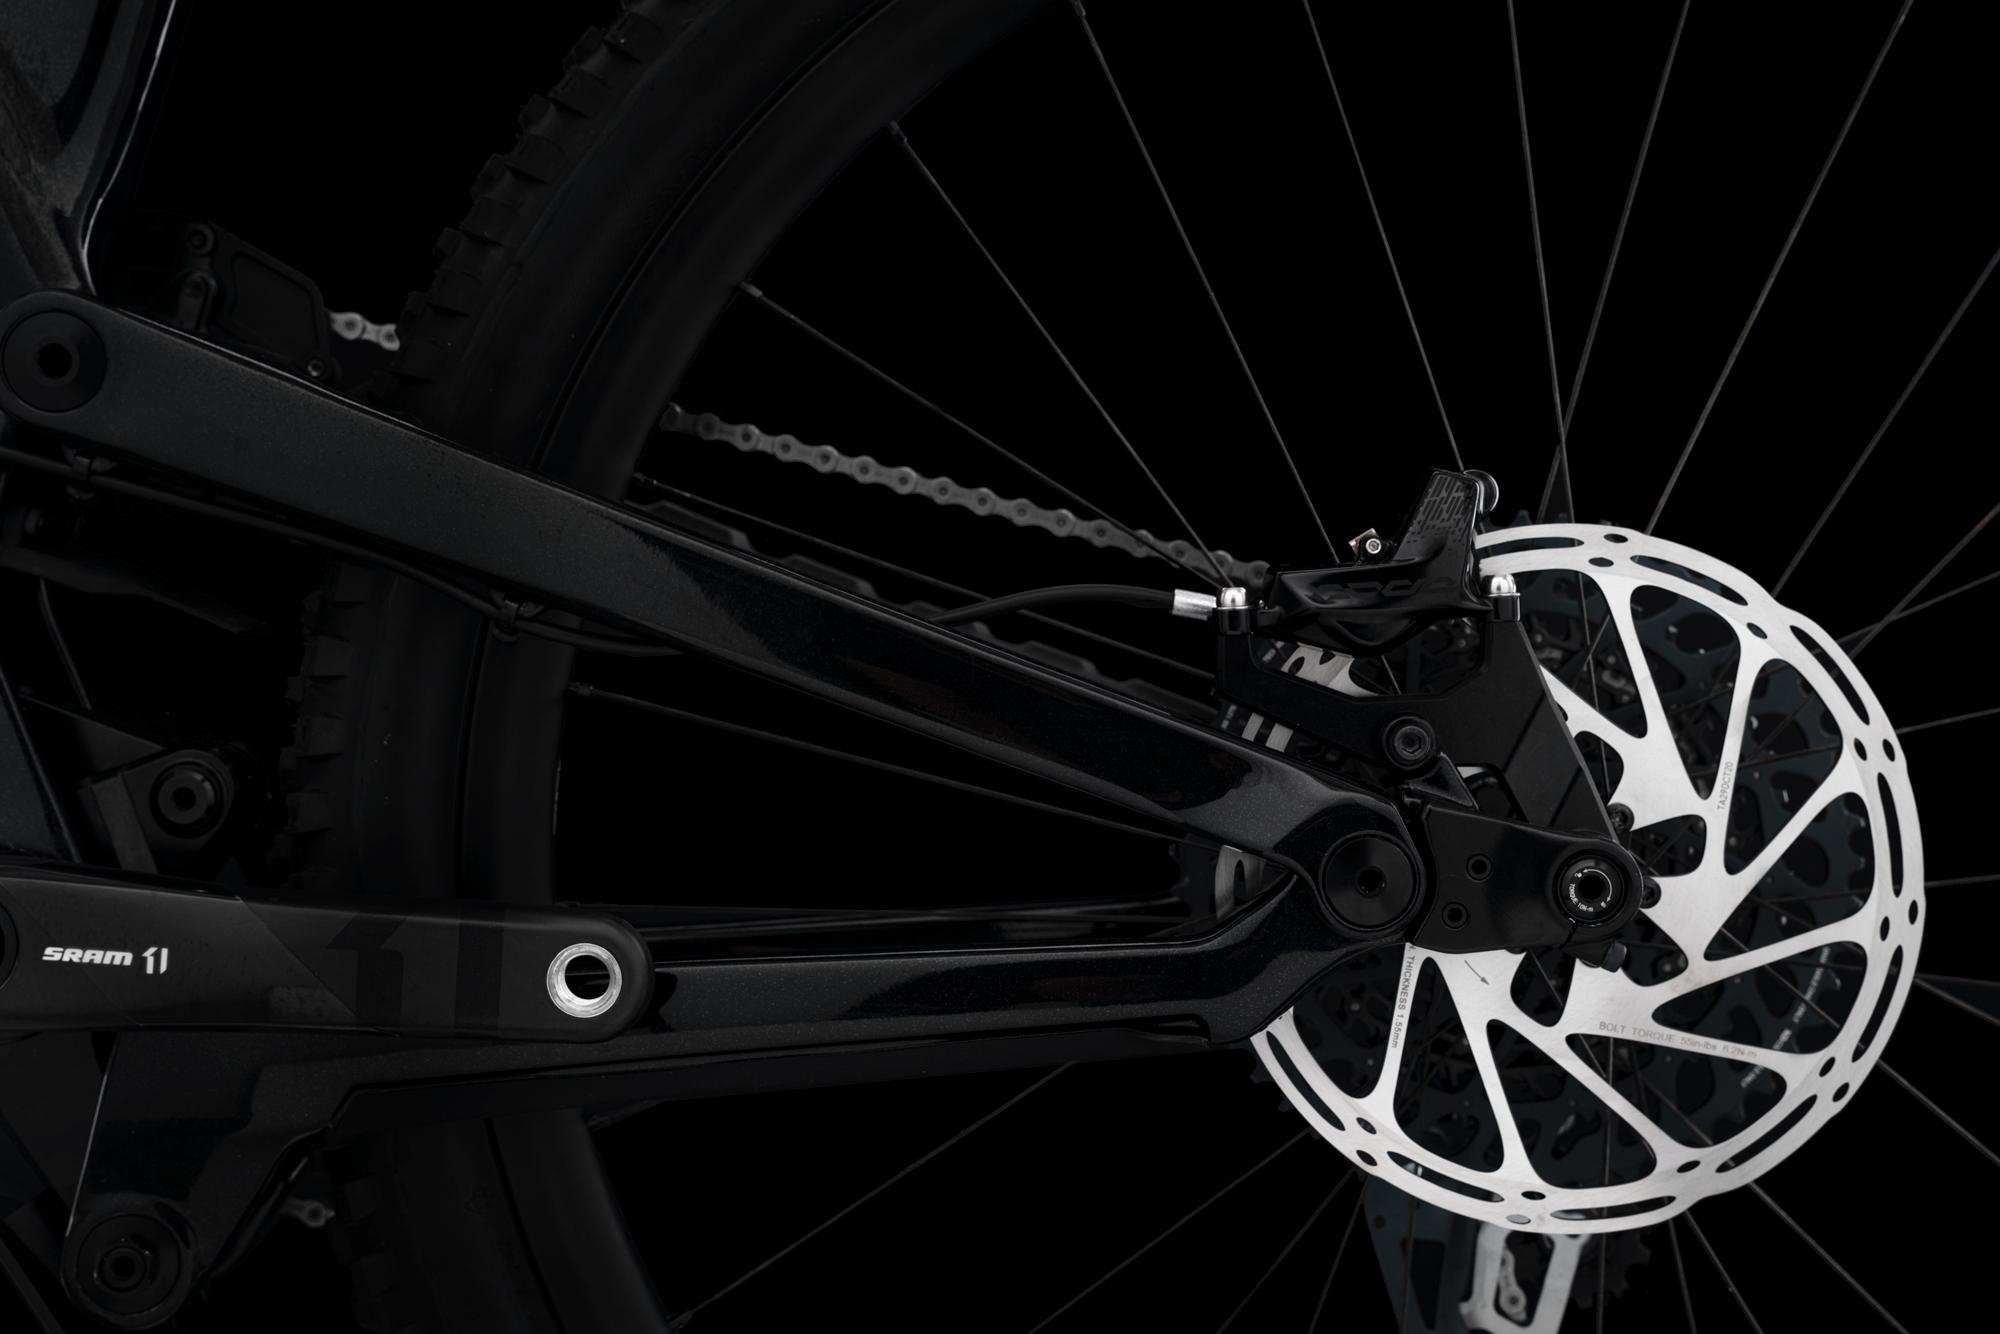 range c1 product studio 10 Cycleholix